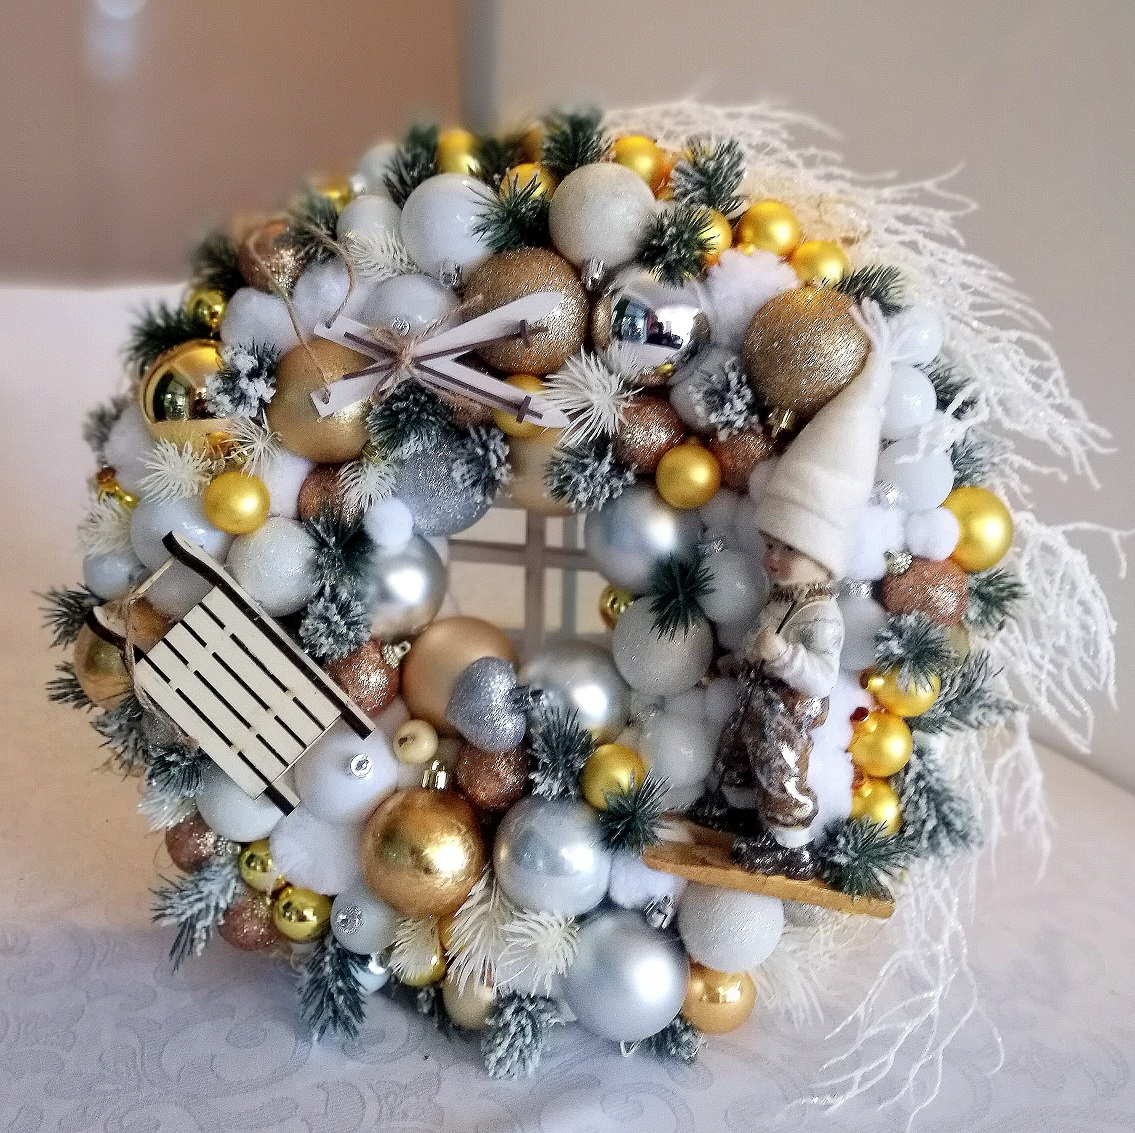 Wianek świąteczny złoto biały nr.68